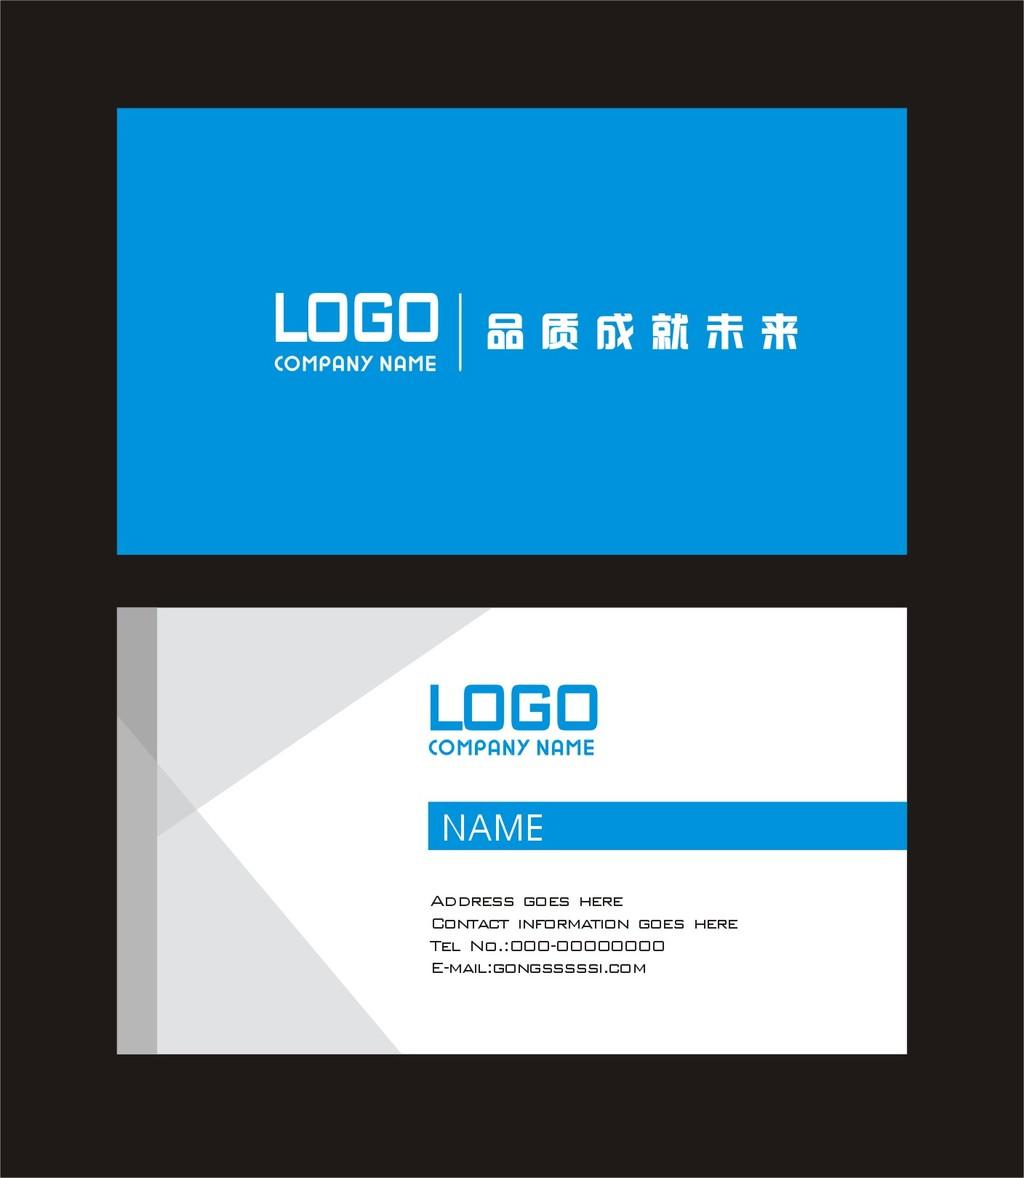 创意个性名片卡片式设计 色块 简单大气时尚名片 高端大气